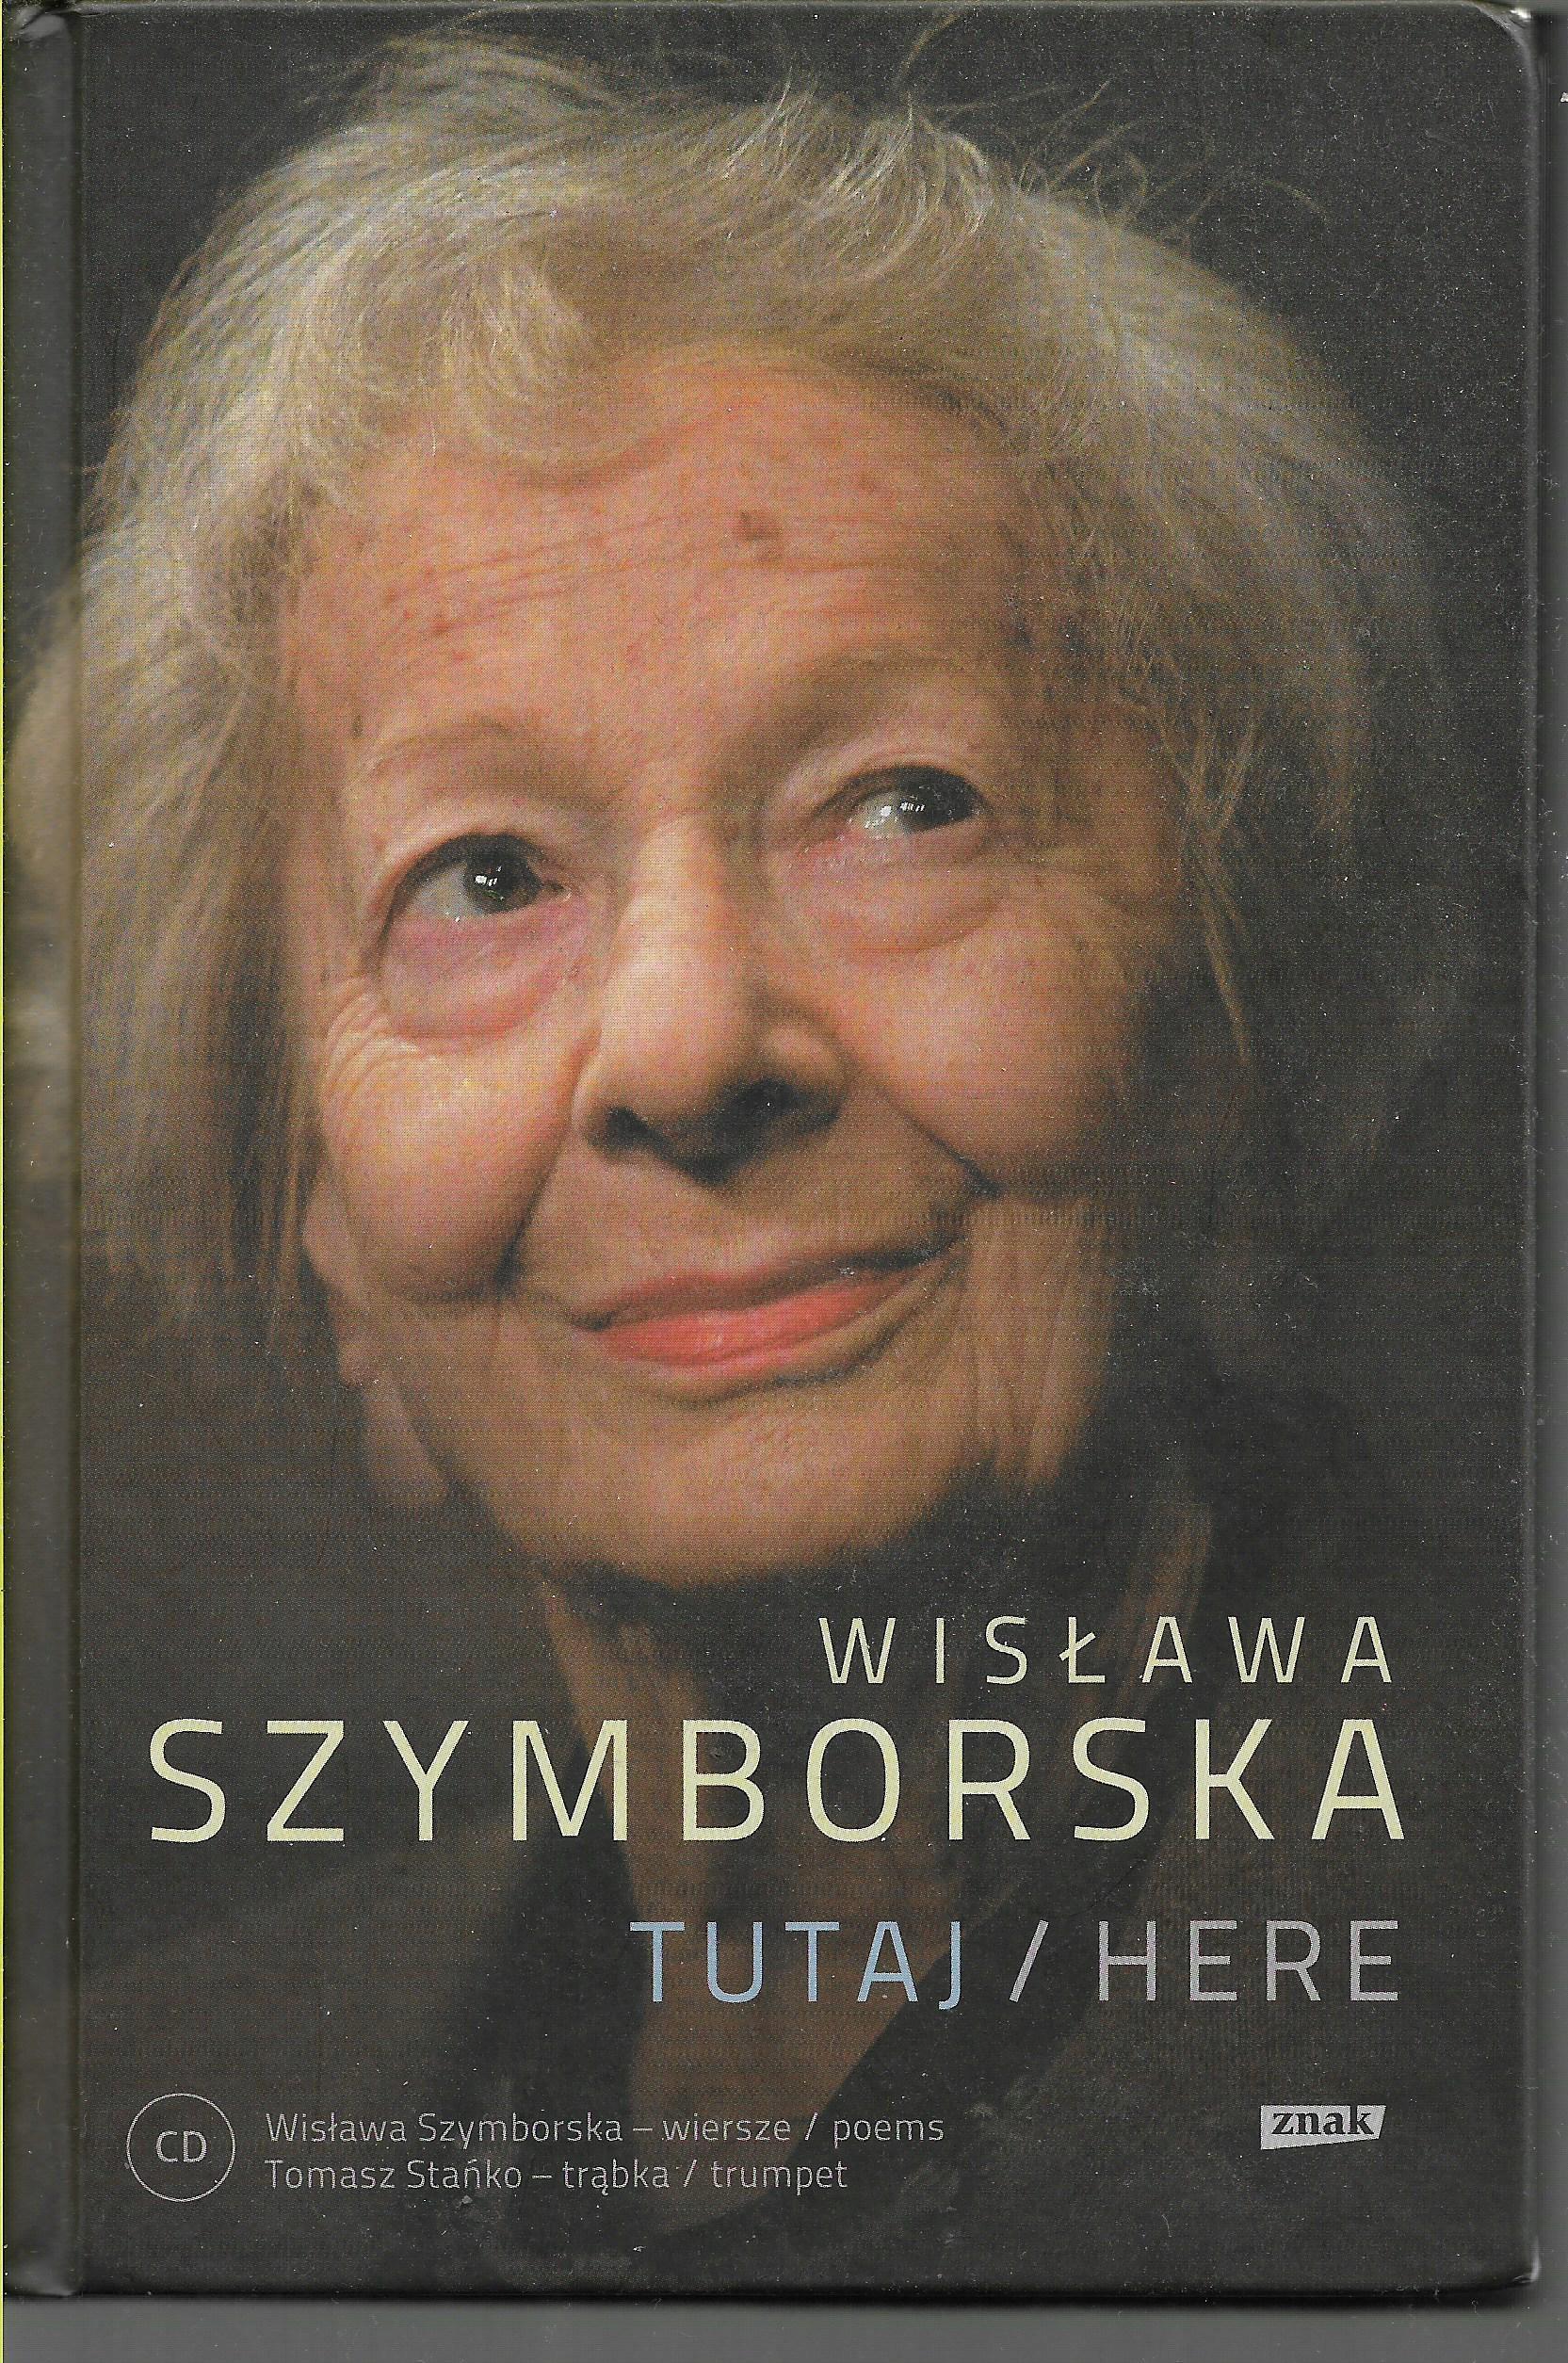 Tutaj Szymborska Wiersze 7567431112 Oficjalne Archiwum